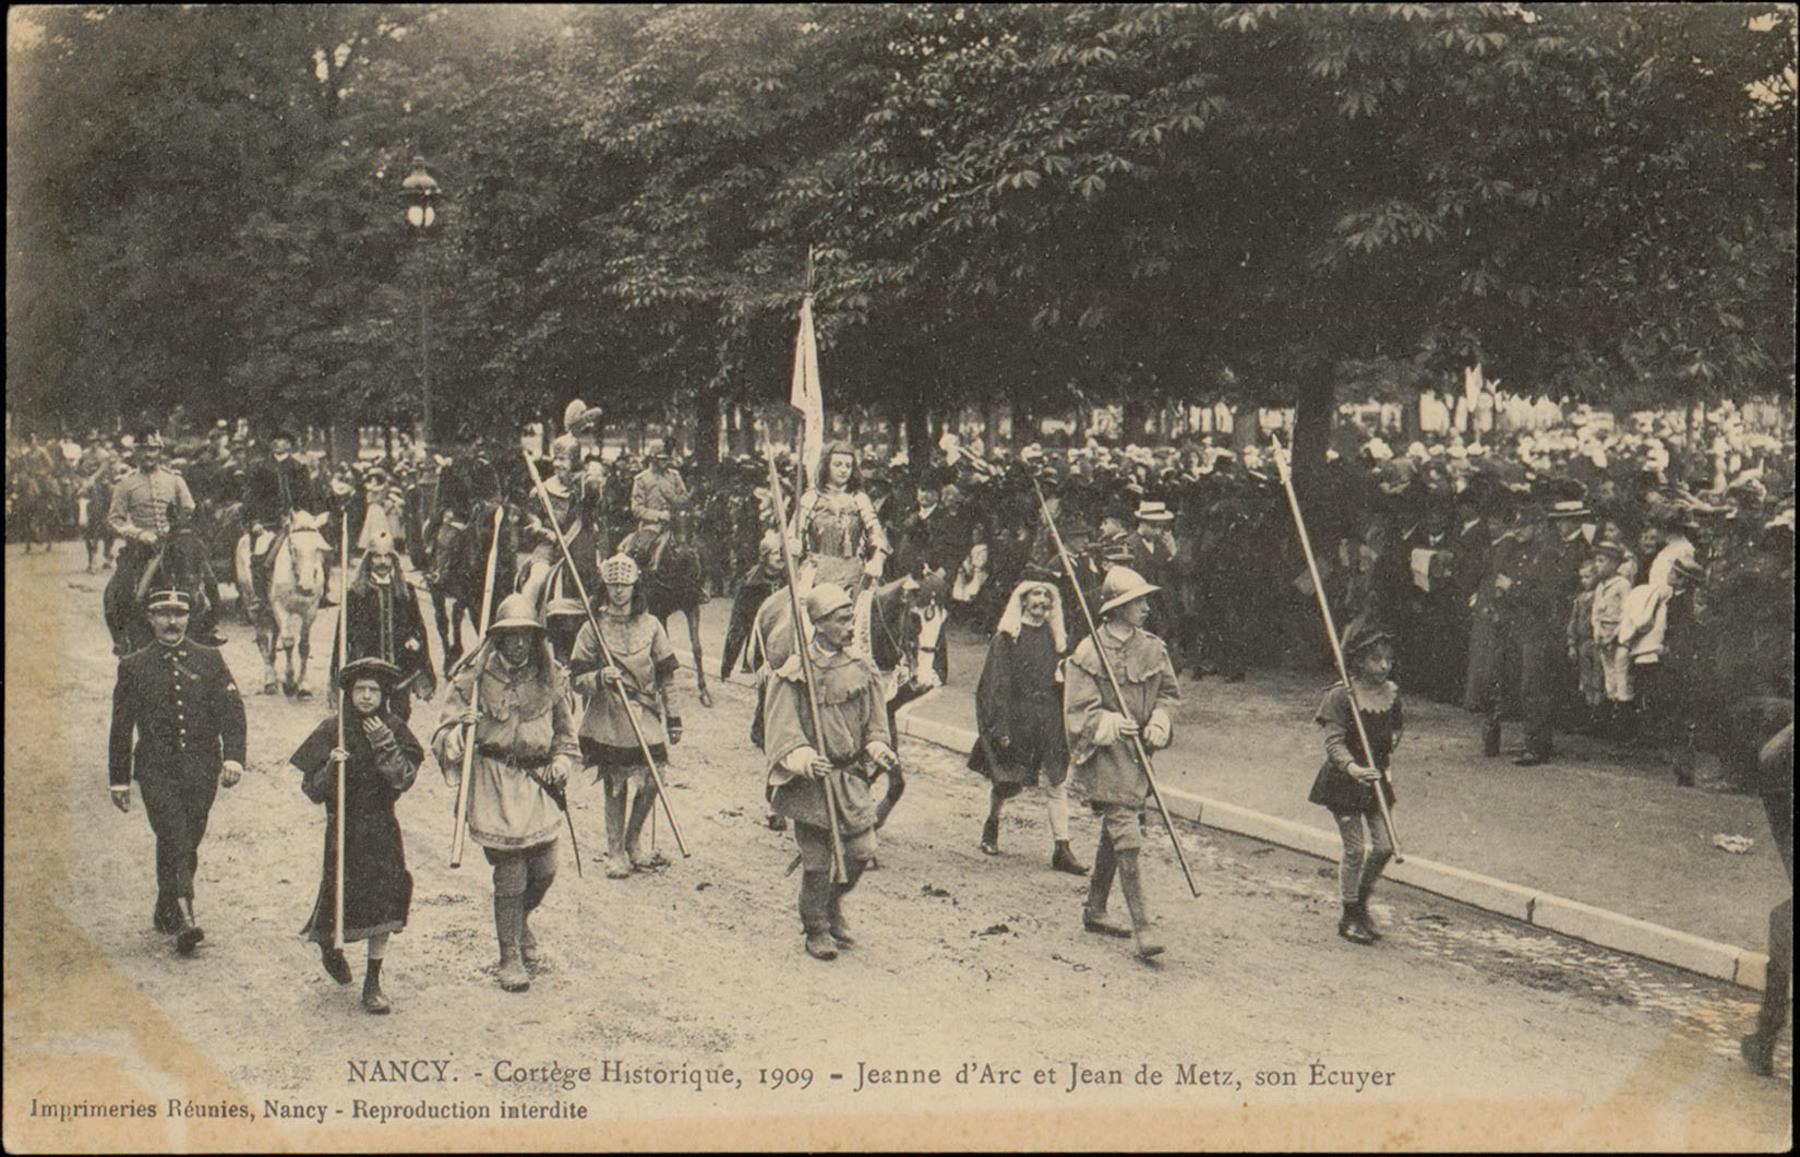 Contenu du Nancy, Cortège historique, 1909, Jeanne d'Arc et Jean de Metz, son Ecuyer